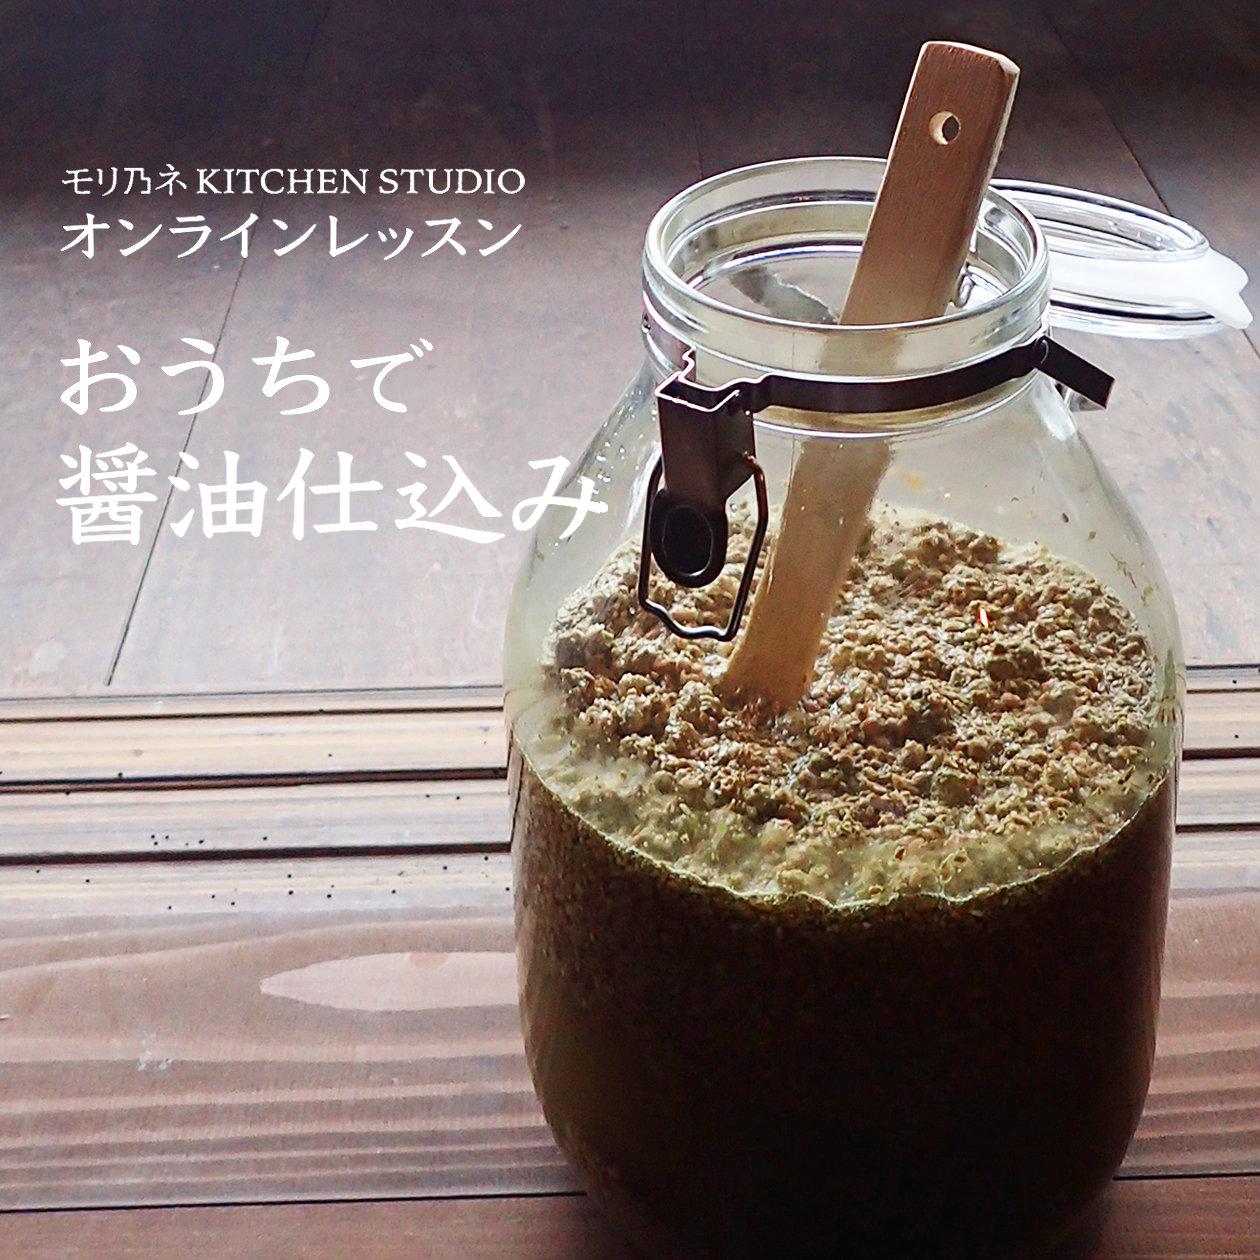 【終了/満席御礼】5/30(土)オンラインレッスン♪おうちで醤油仕込み